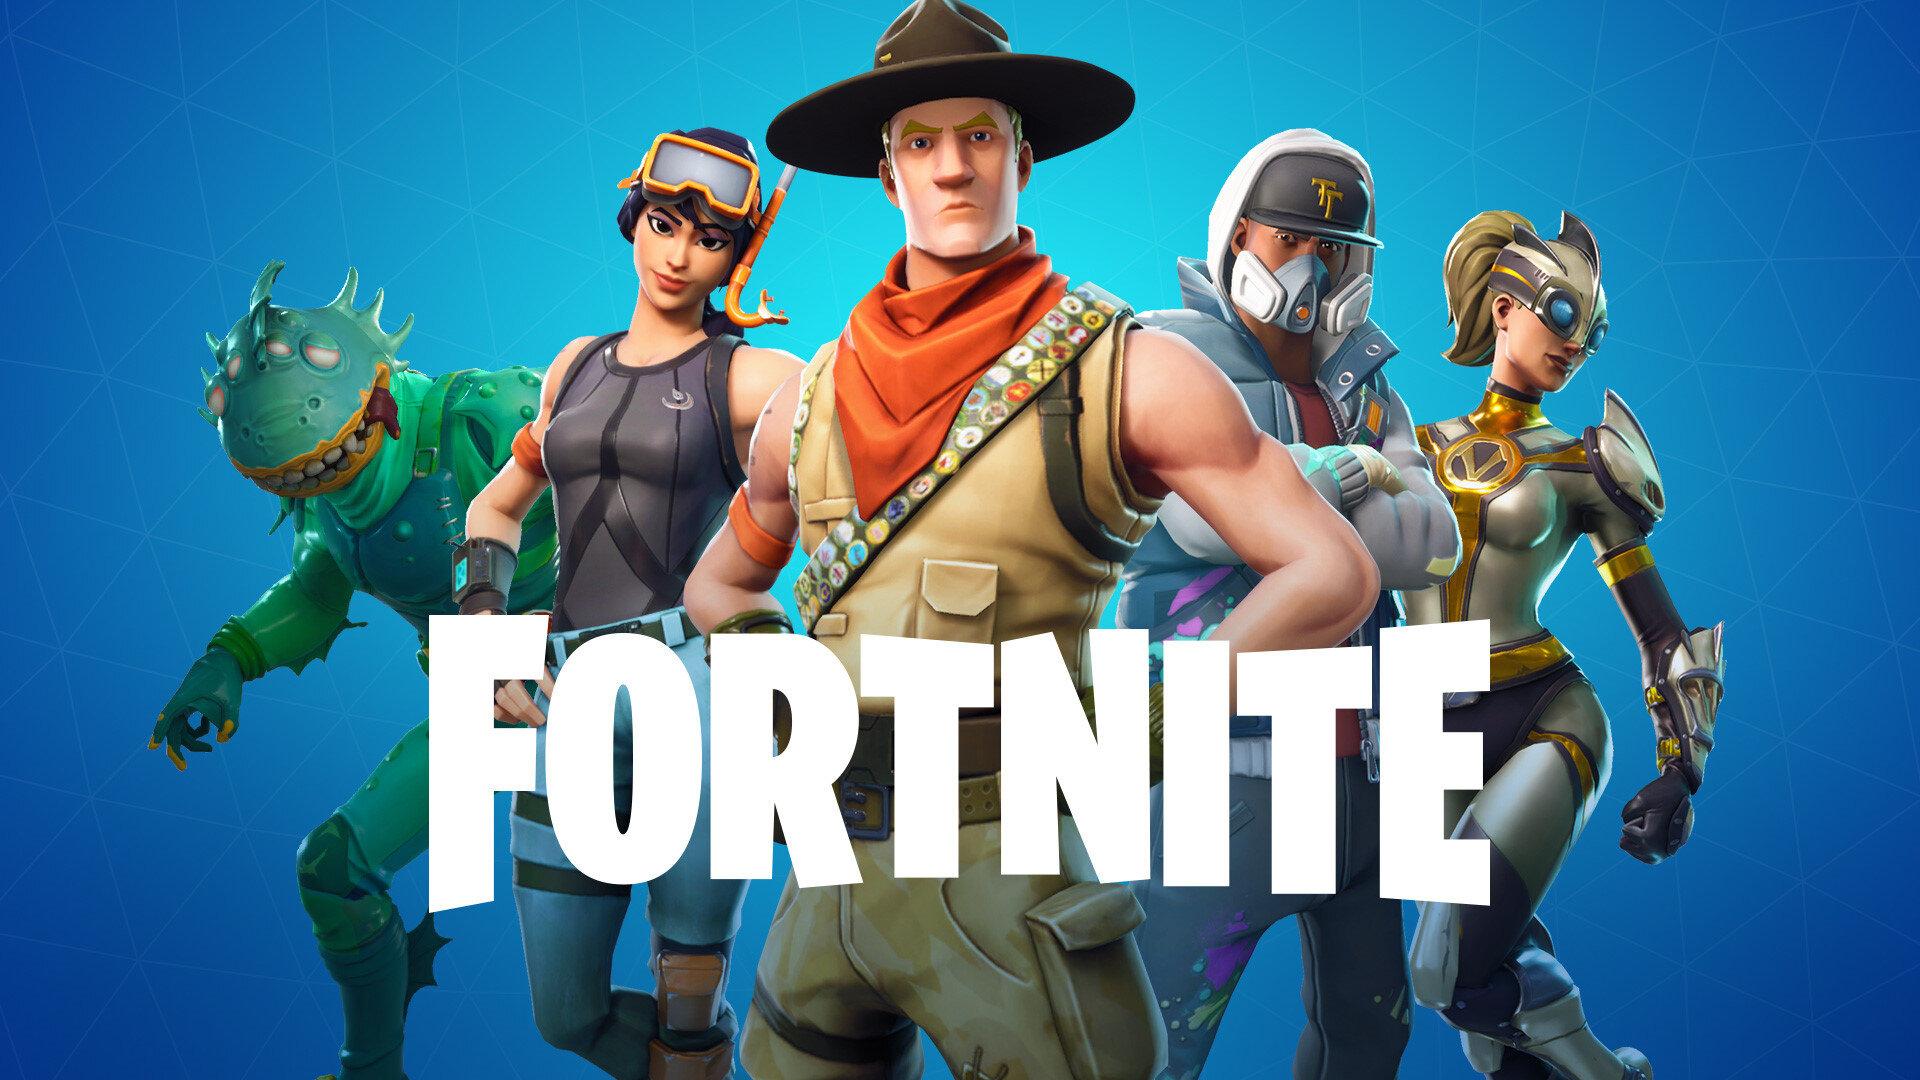 En iyi çoklu oynanabilen oyun olarak Fortnite seçildi.